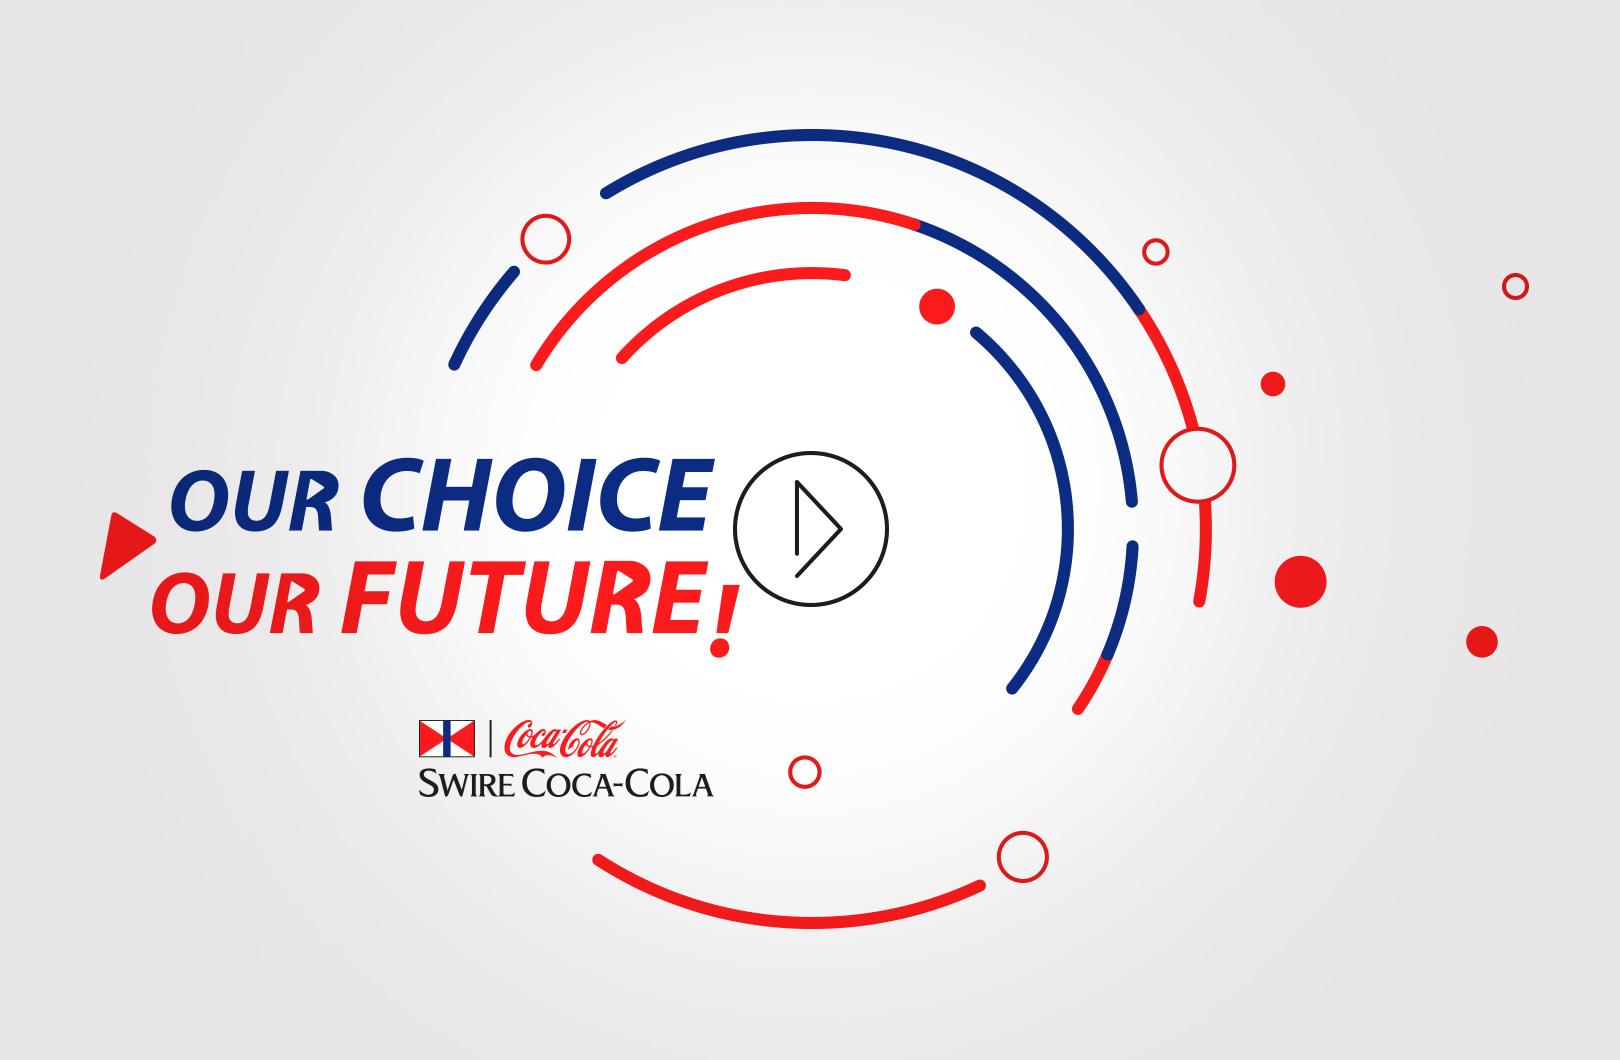 Swire Coca